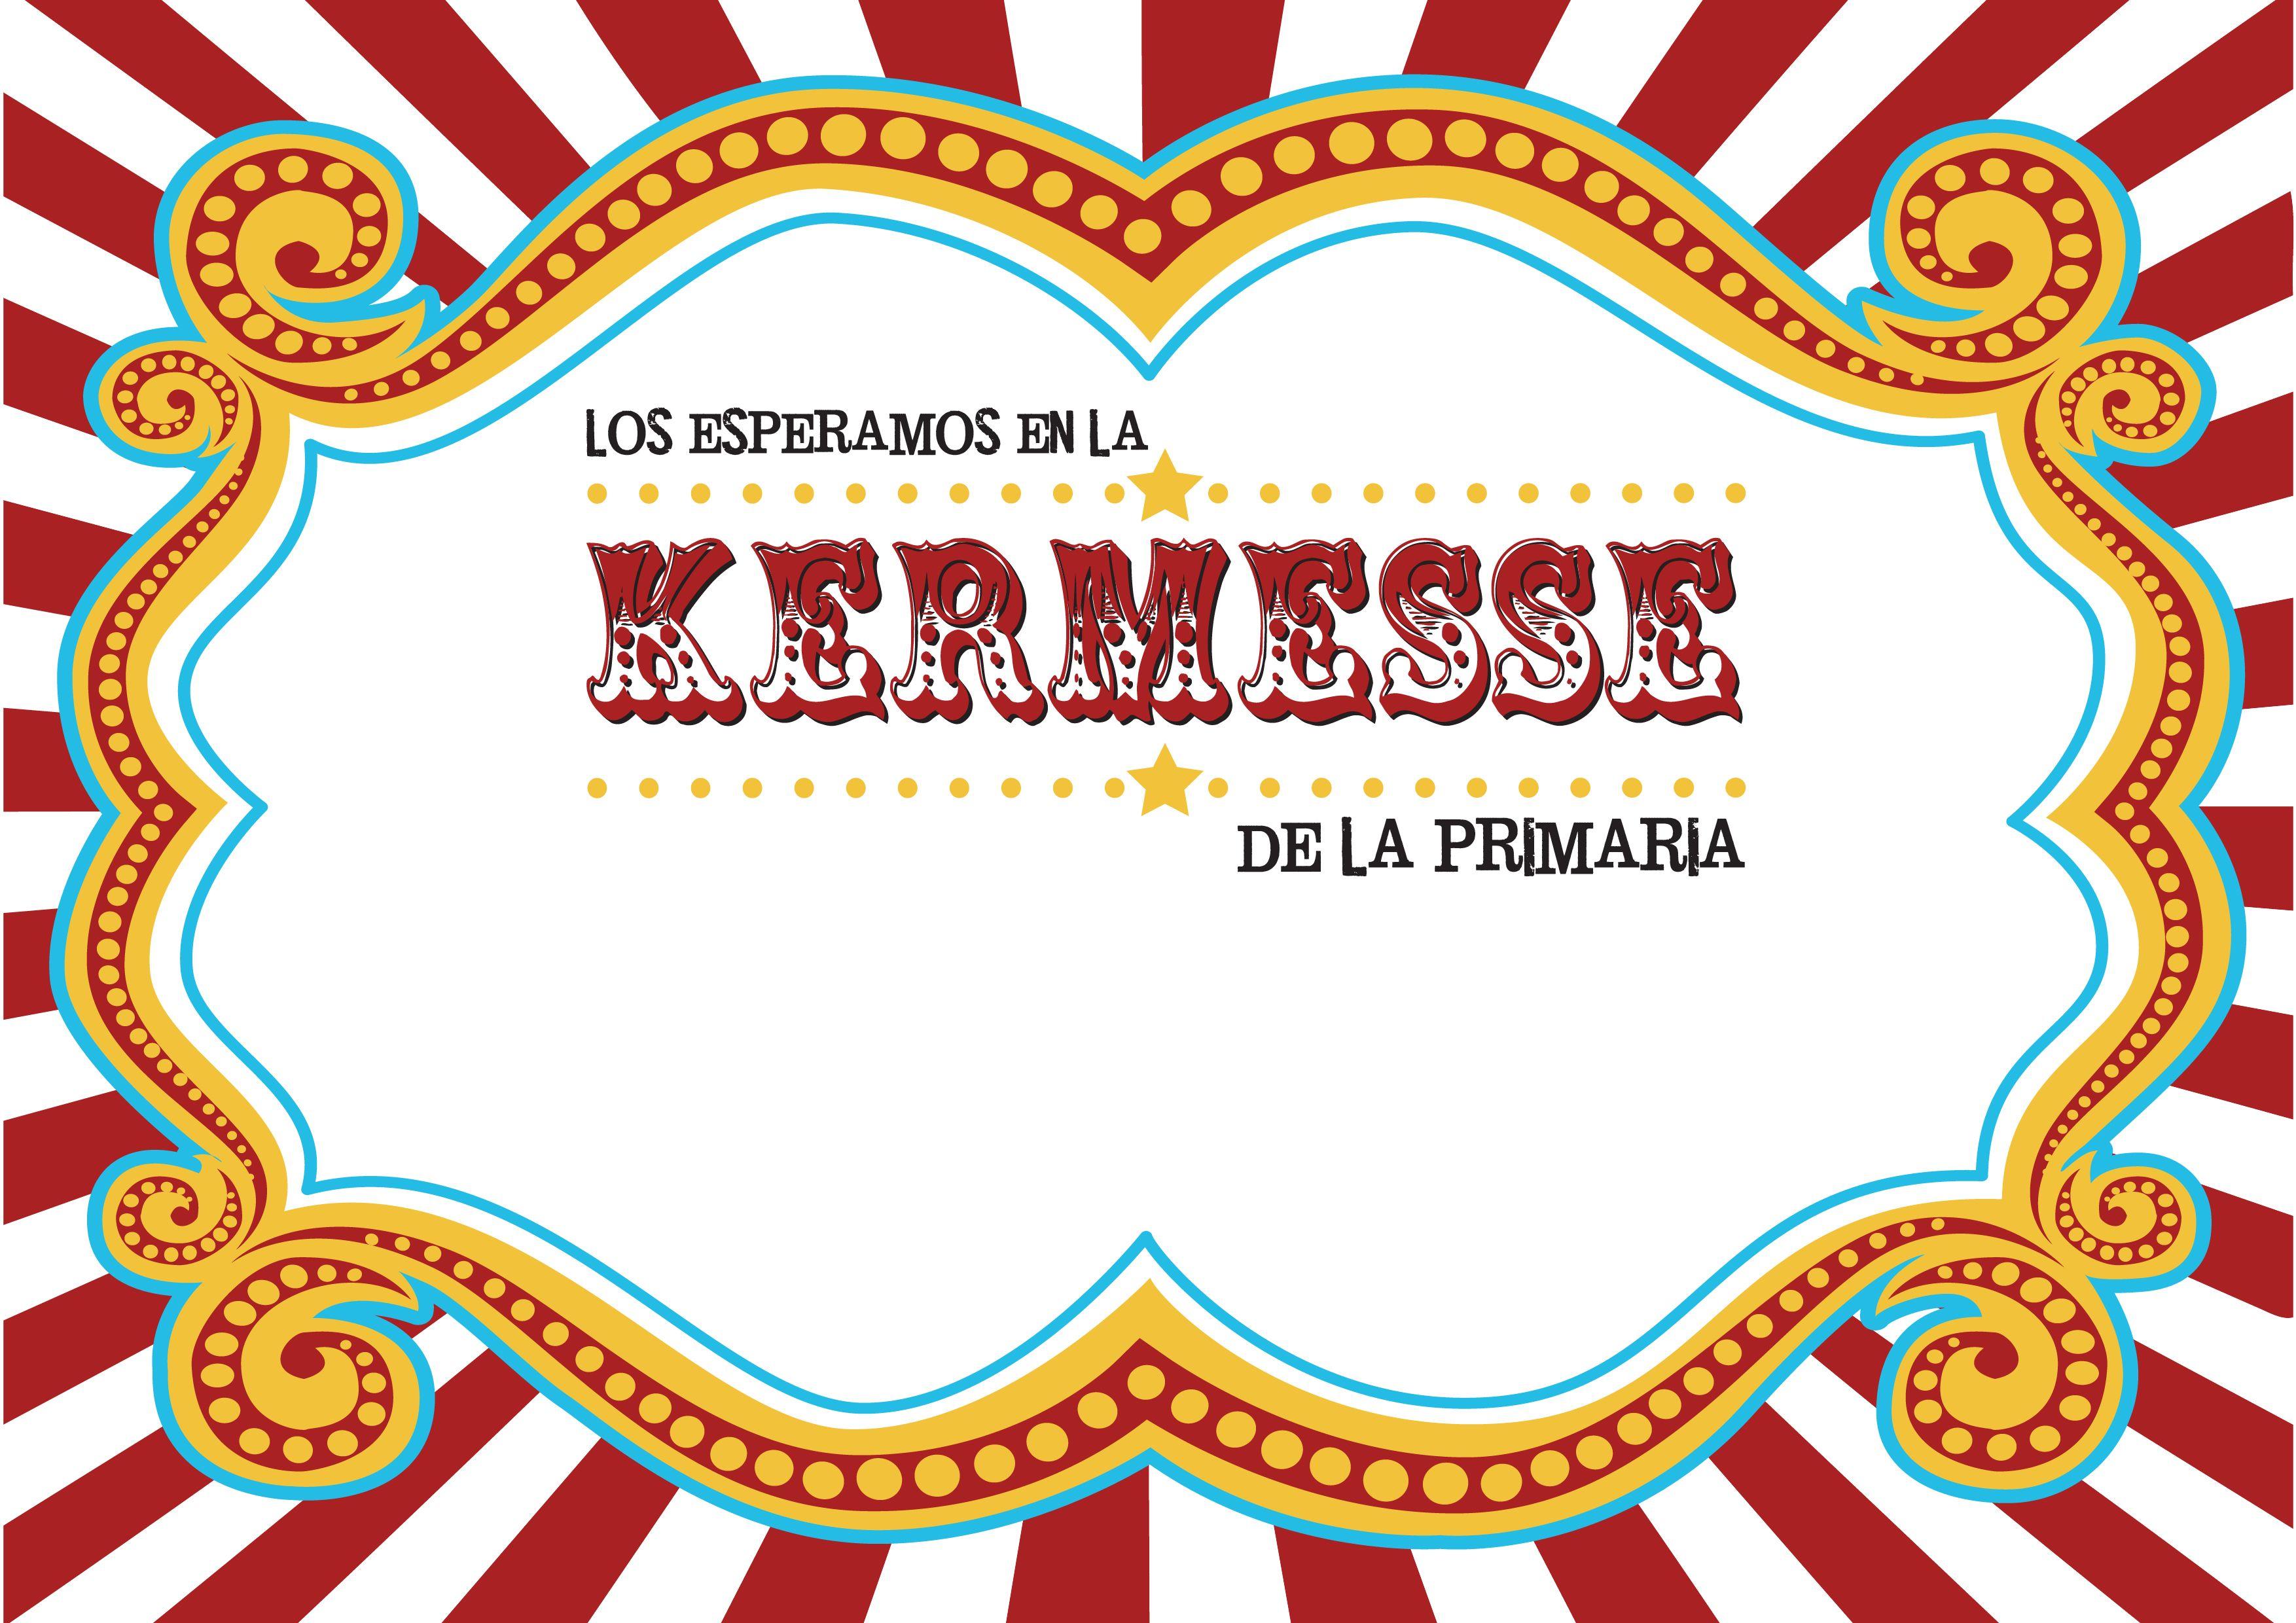 Kermesse De La Primaria Juegos De Fiesta Para Niños